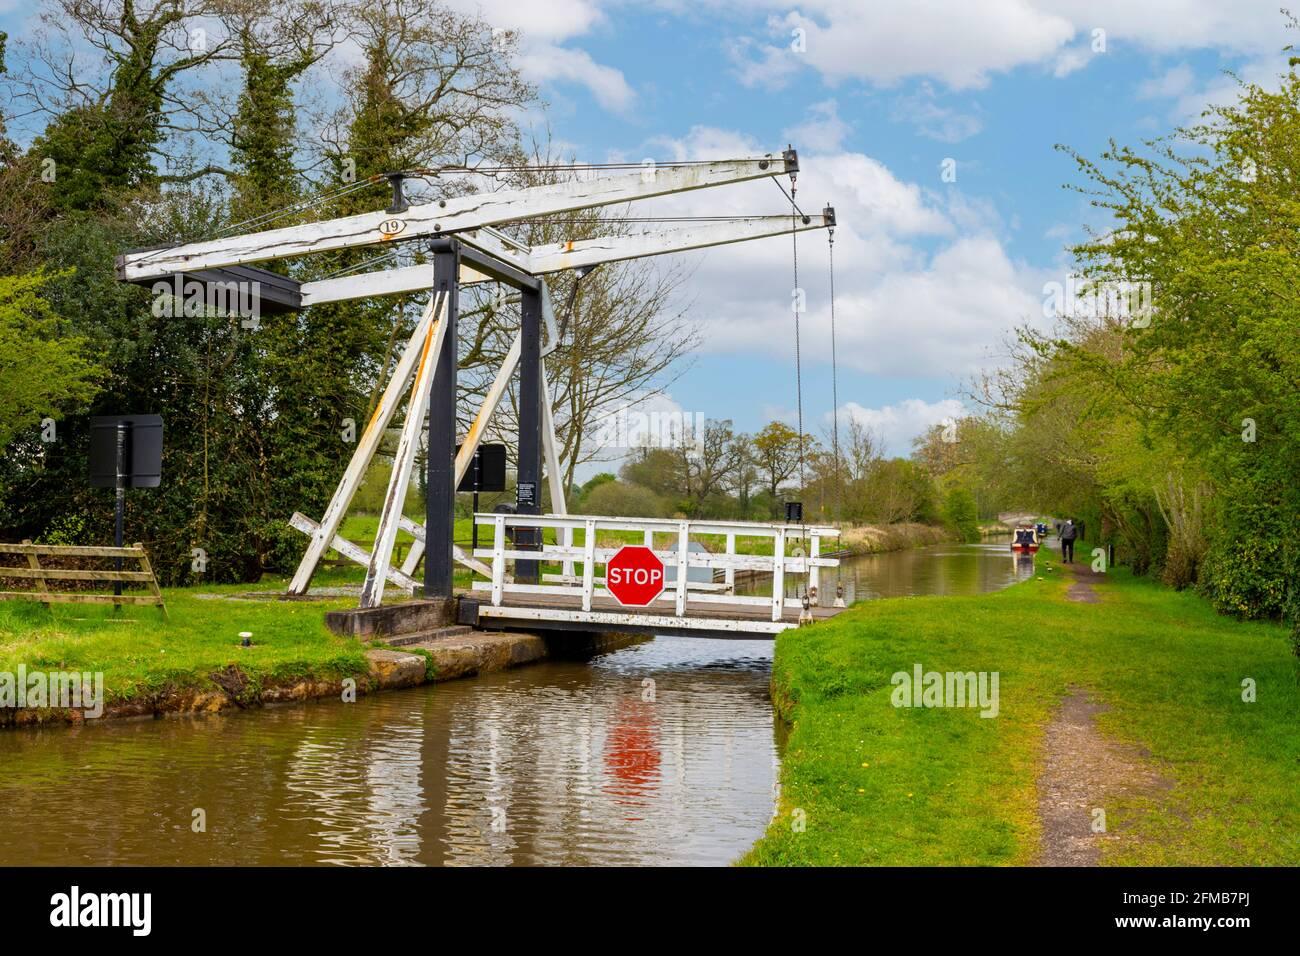 wrenbury-church-bridge-bridge-number-19-